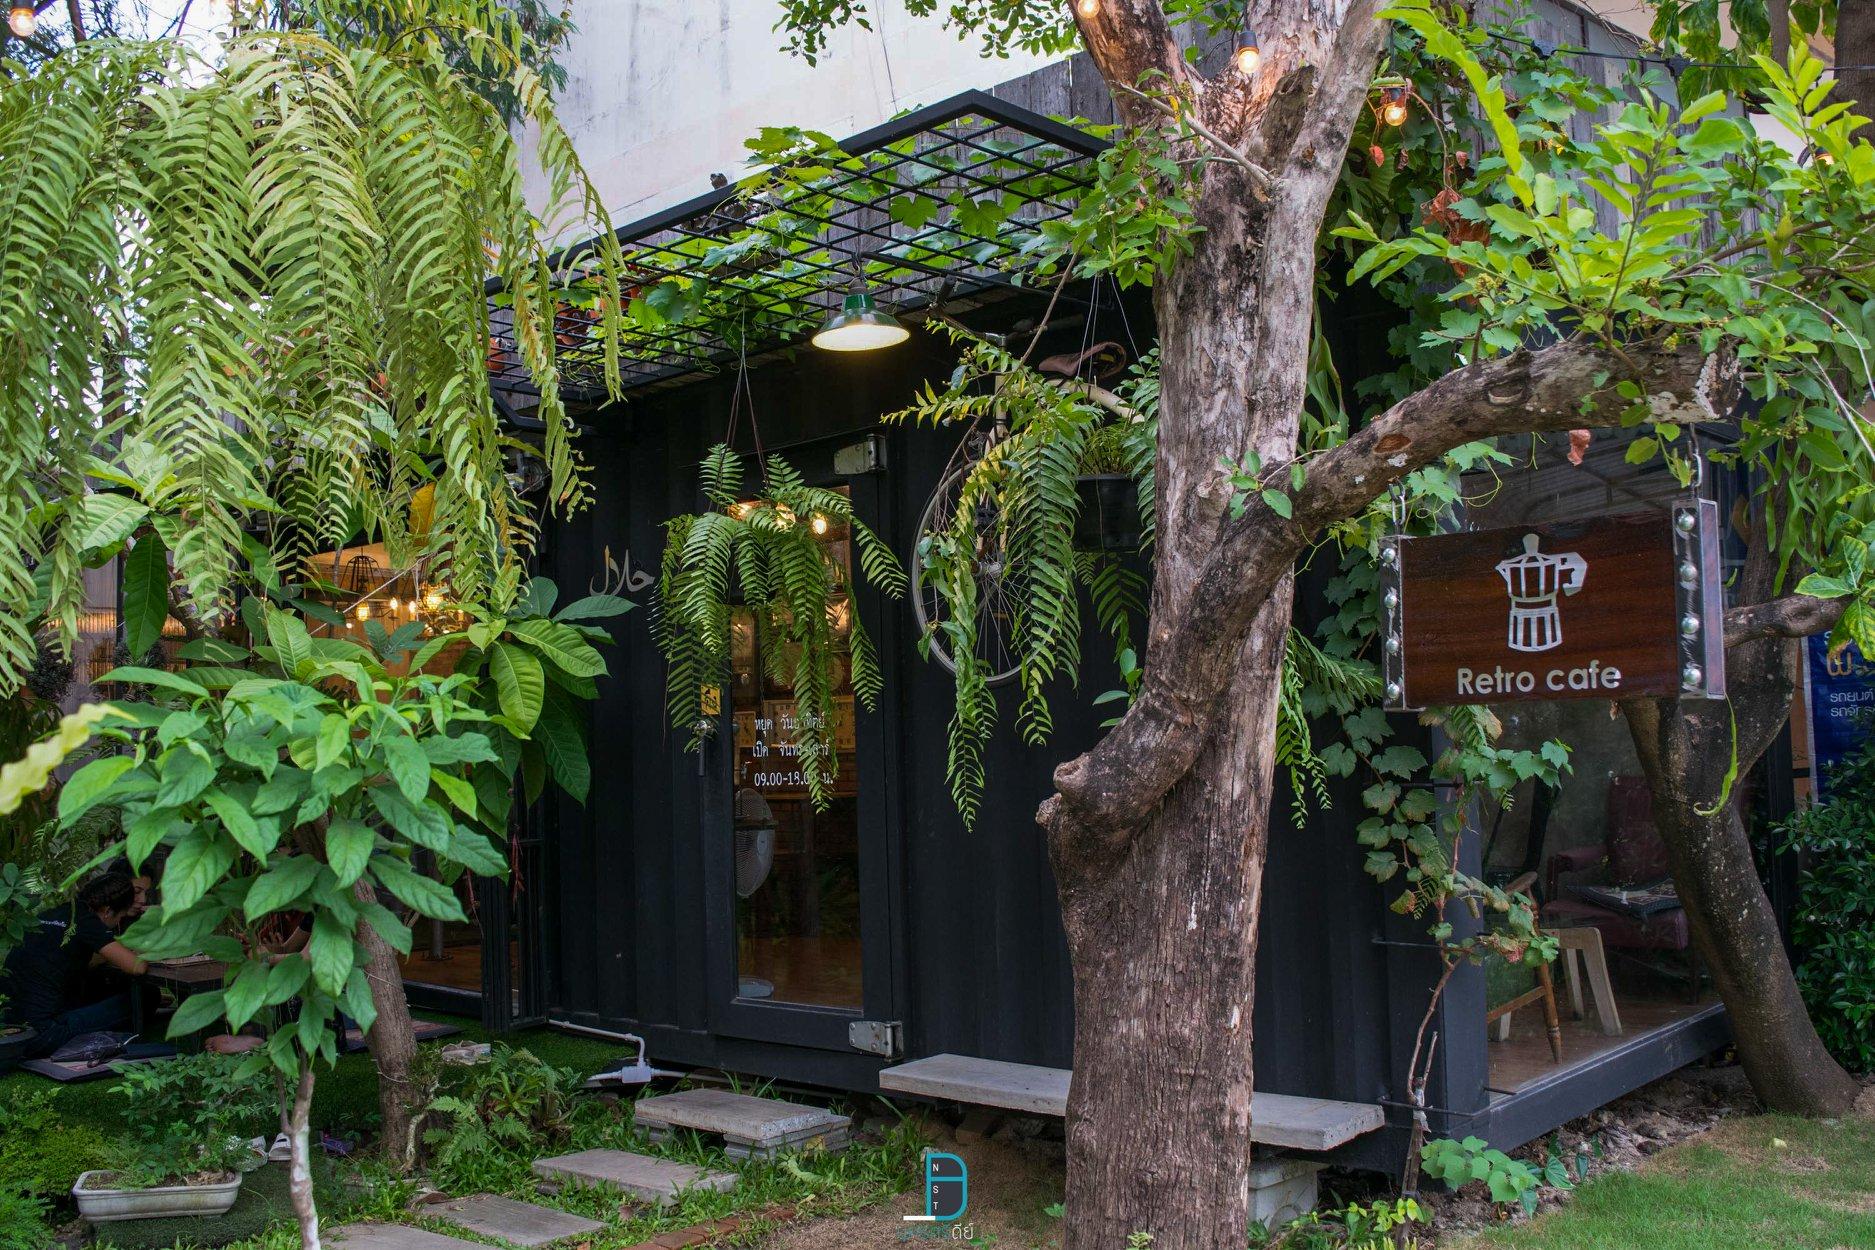 ต่อกันที่-คาเฟ่ลึกลับกลางป่าในเมือง-Retro-Cafe-ขอบอกว่าบรรยากาศนี่สุดๆจริงๆครับ-พร้อมทั้งอาหารเครื่องดื่มอร่อยอีกนะเออ ที่กิน,ที่เที่ยว,นครศรีธรรมราช,เมืองคอน,2018,BunprasopGardenHotel,นครศรี,อำเภอเมือง